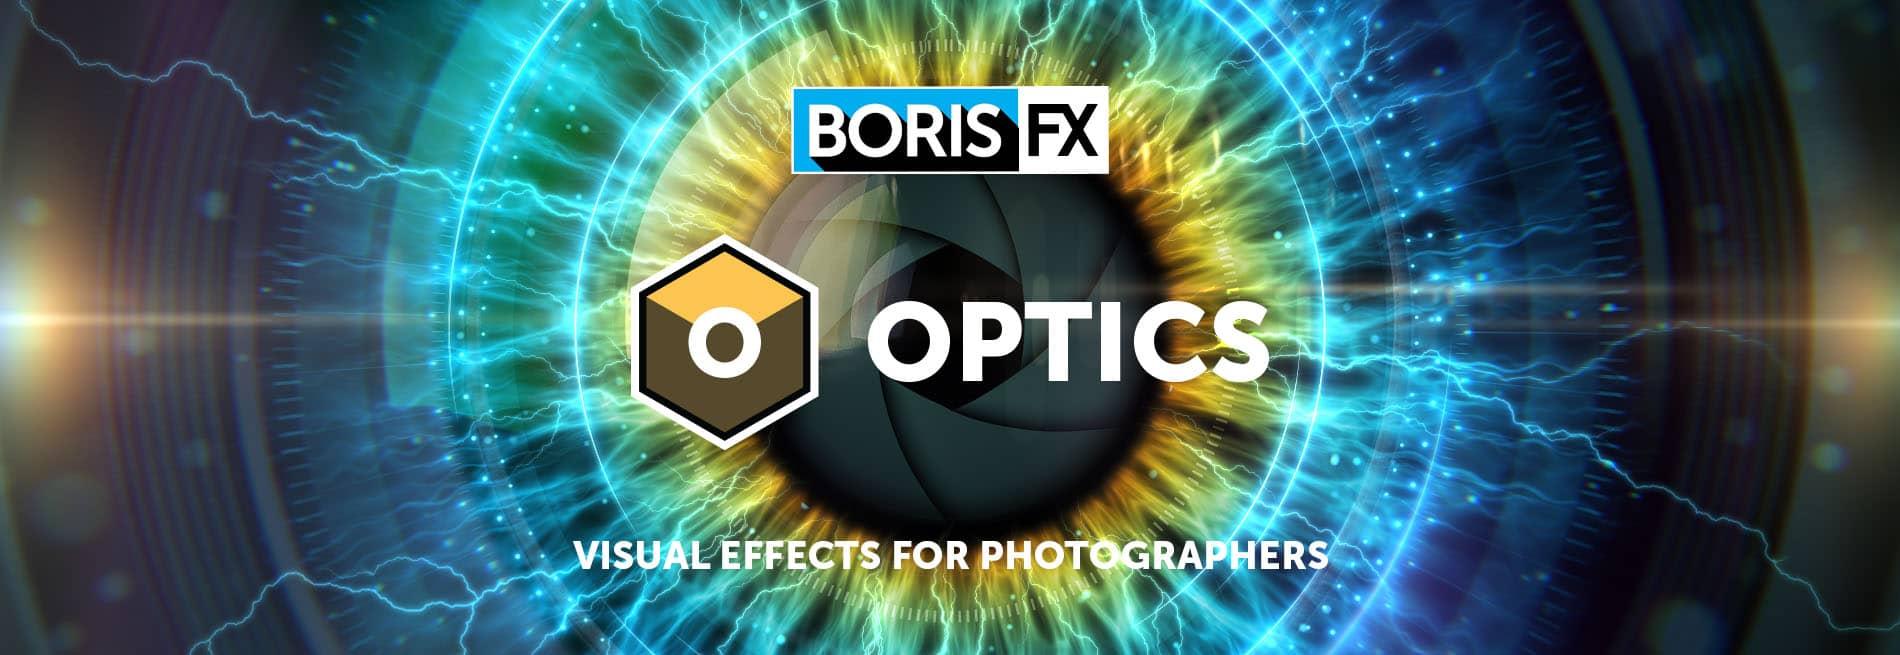 نرم افزار بوریس اپتیک 2021 BorisFX Optics